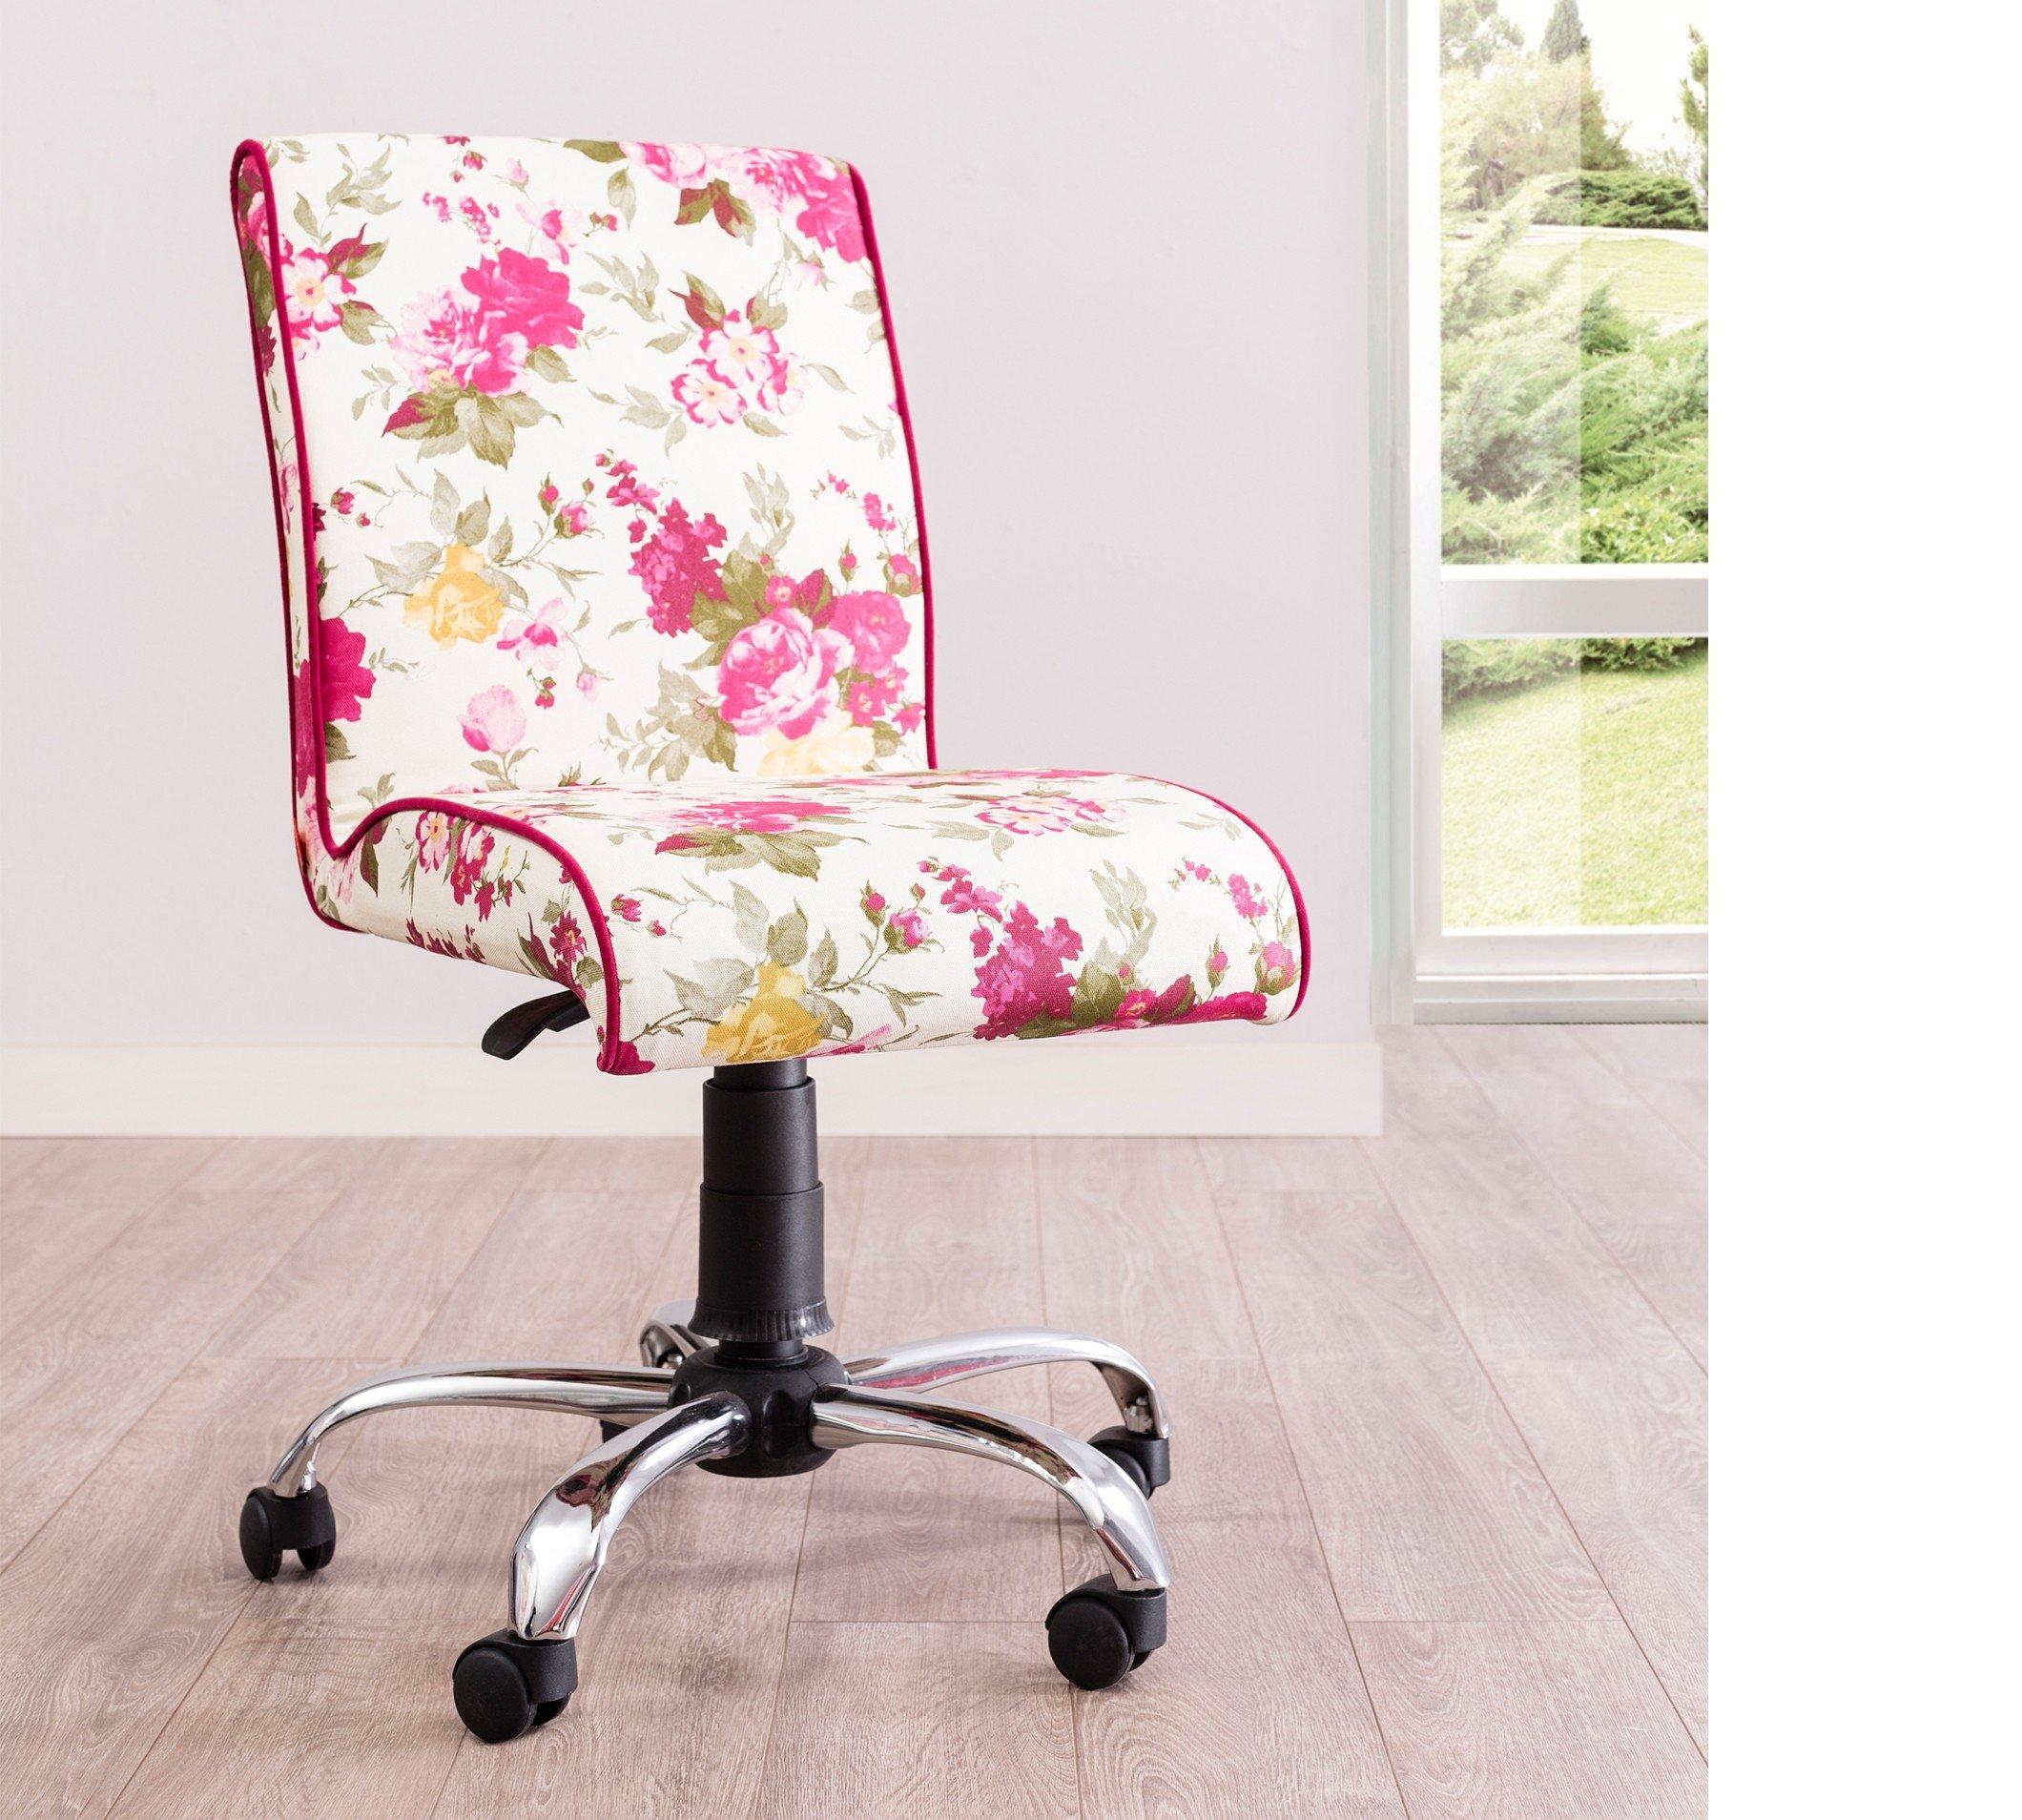 cilek summer soft kinder jugendzimmer stuhl bei panda. Black Bedroom Furniture Sets. Home Design Ideas